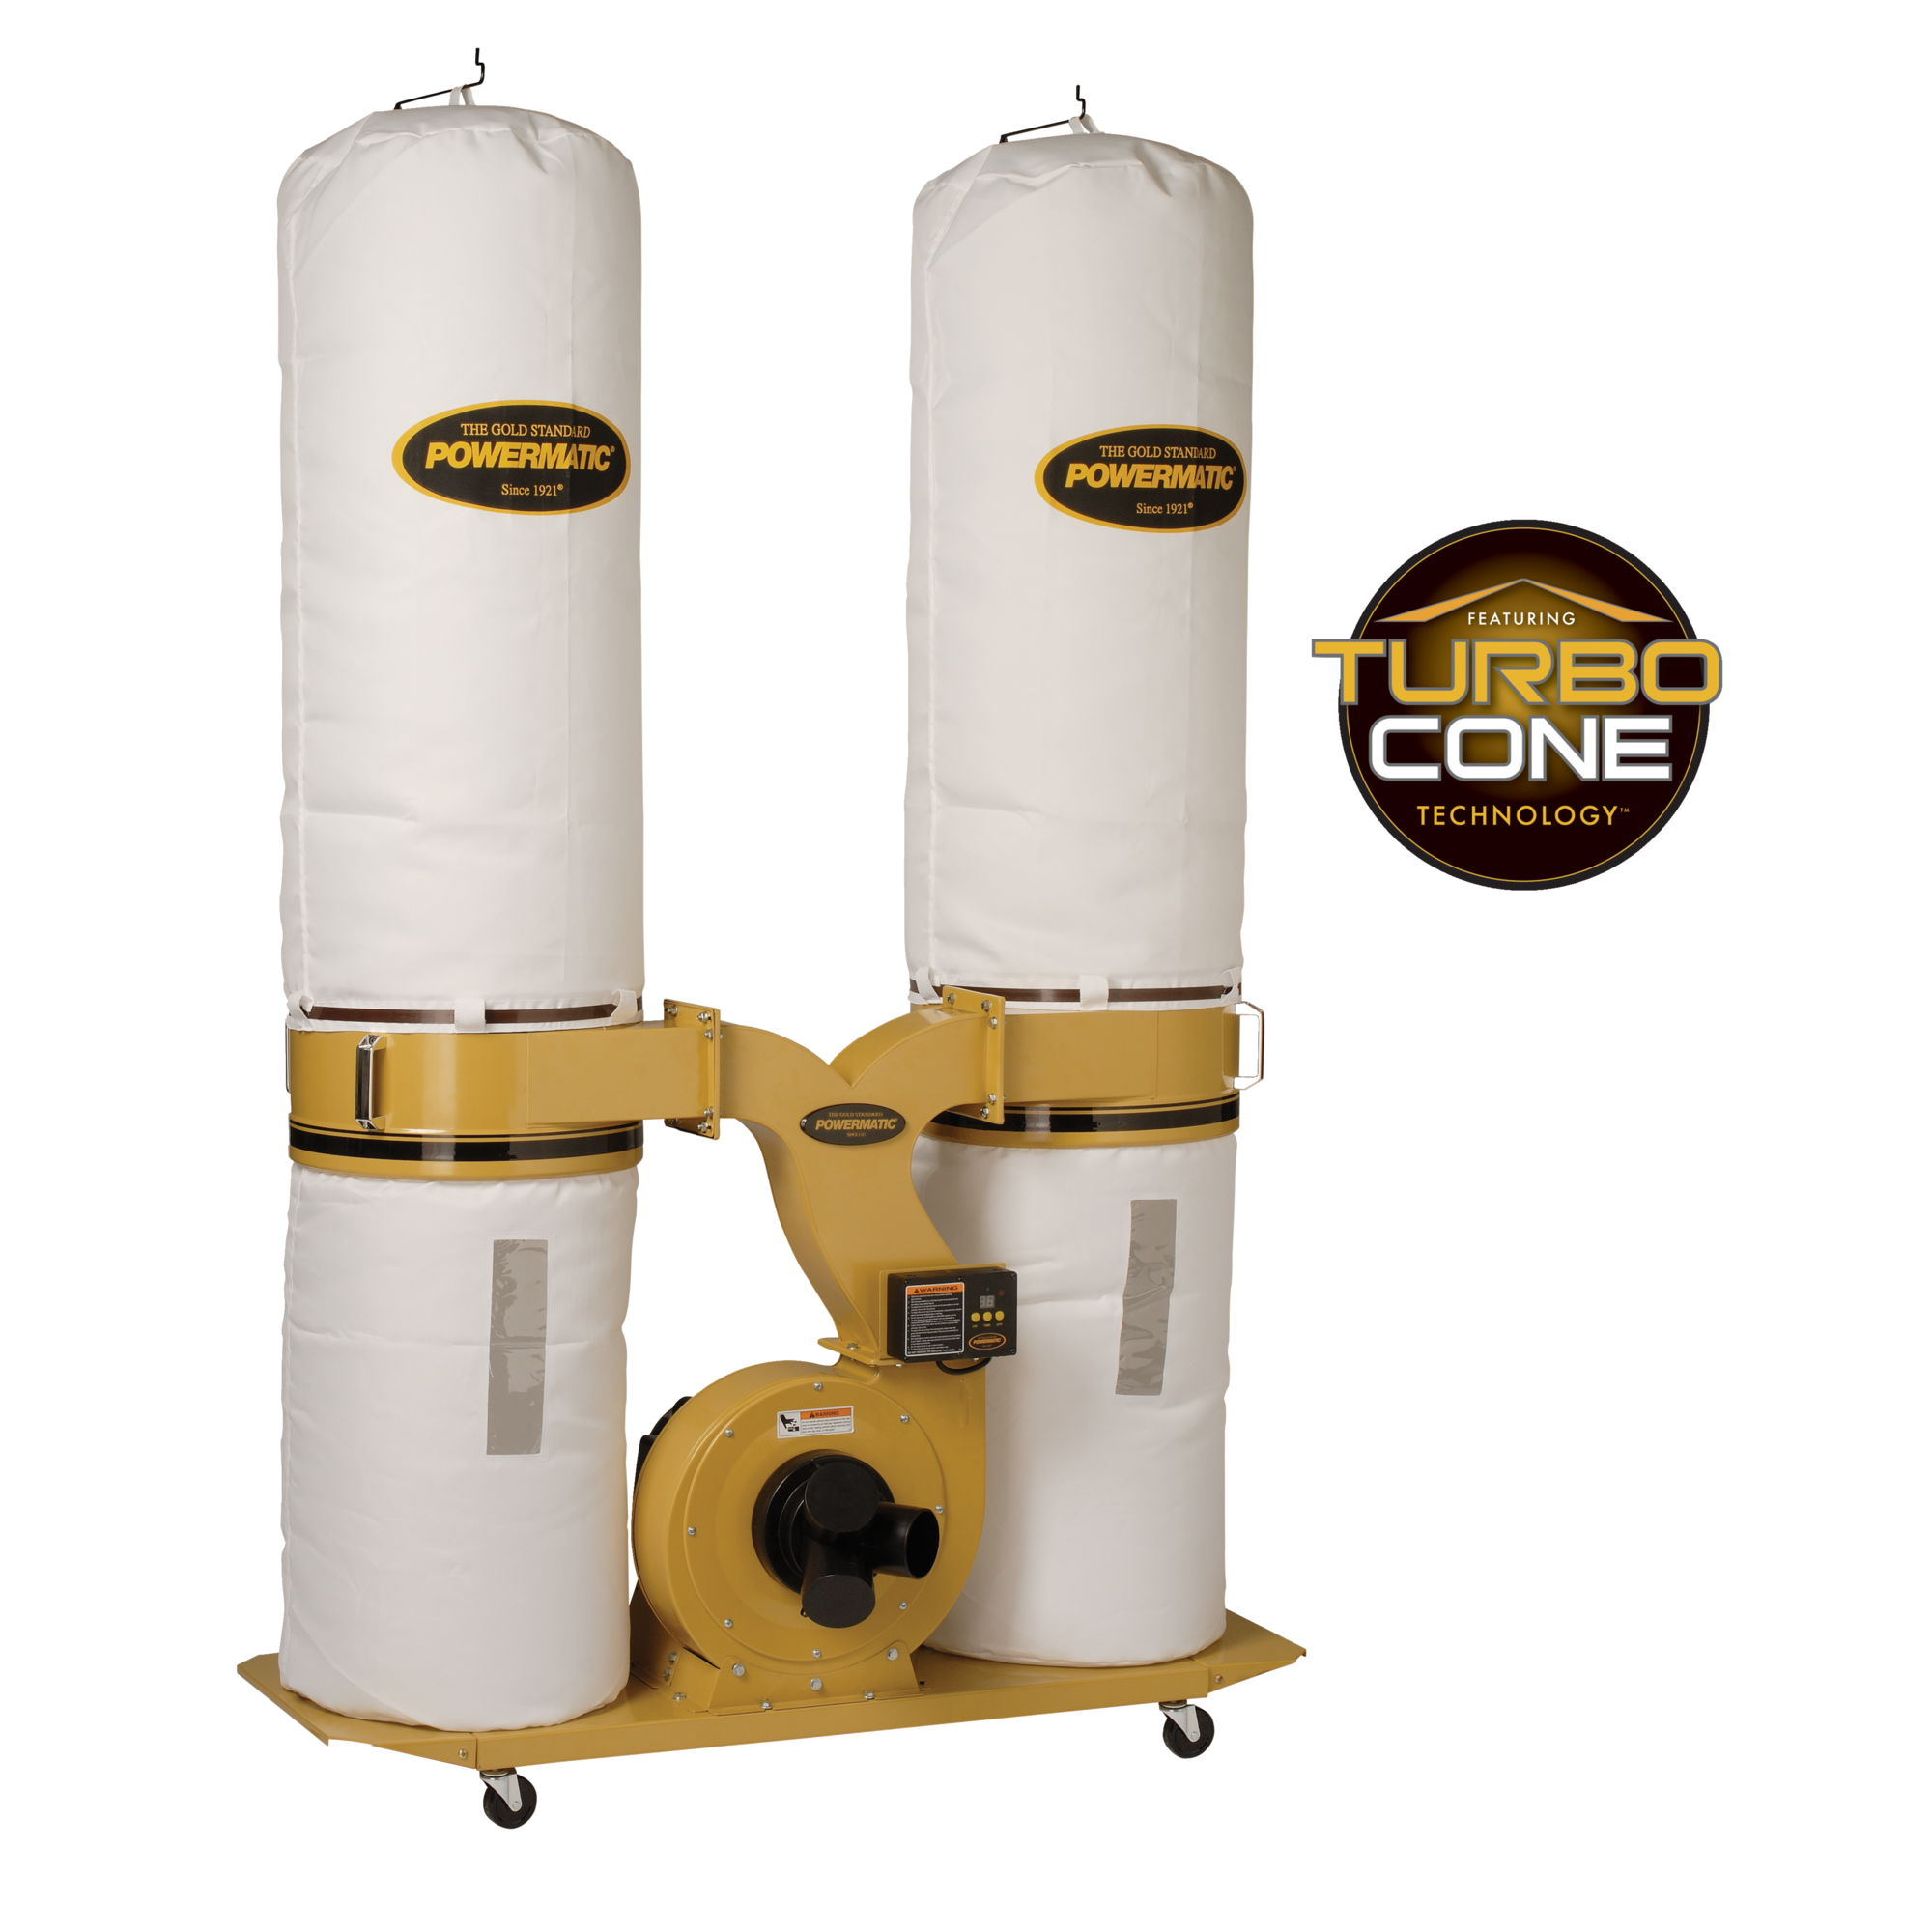 Powermatic PM1900TX-BK Dust Collector w/ Bag Filter KIt 3HP 3PH - 1792073K